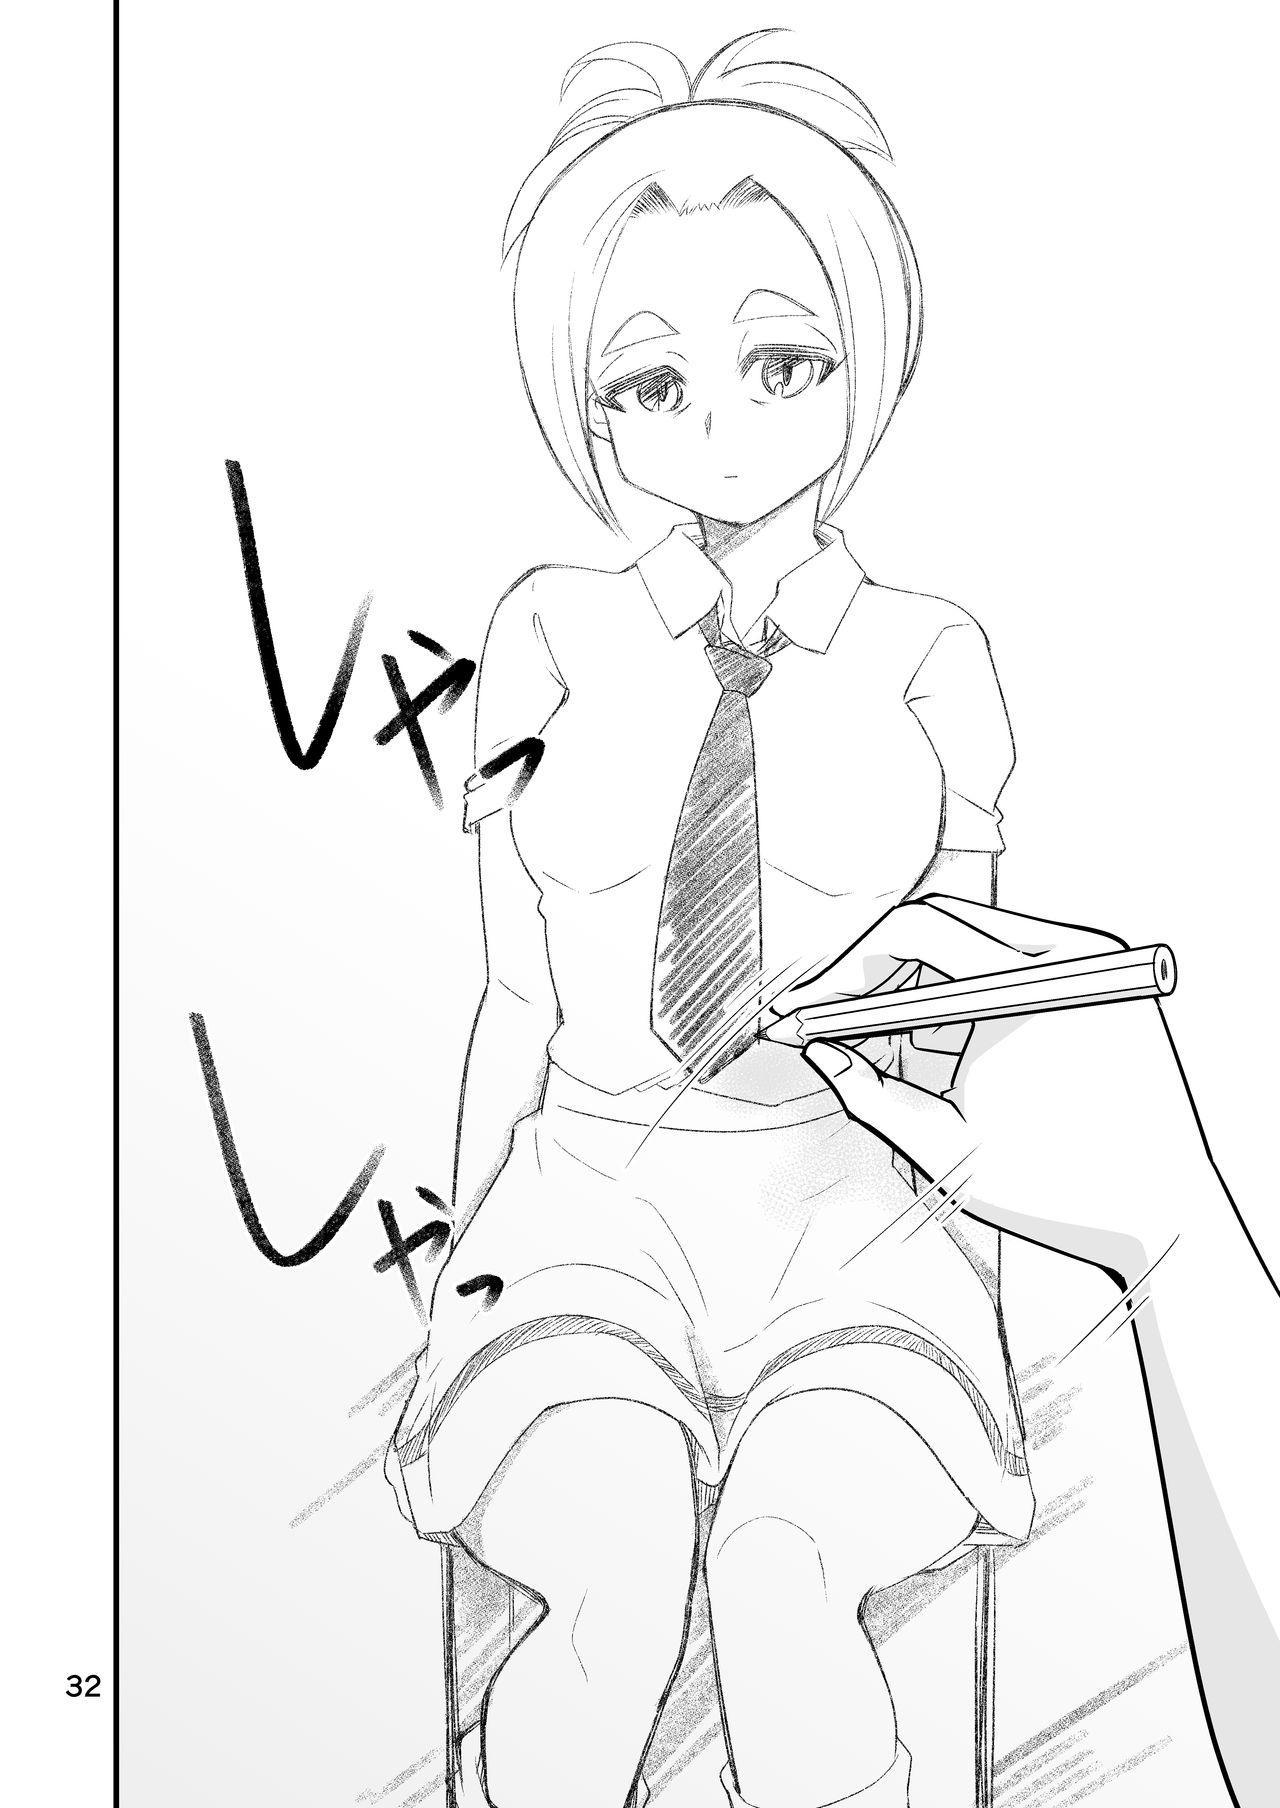 Watamote Seishun Omnibus 31